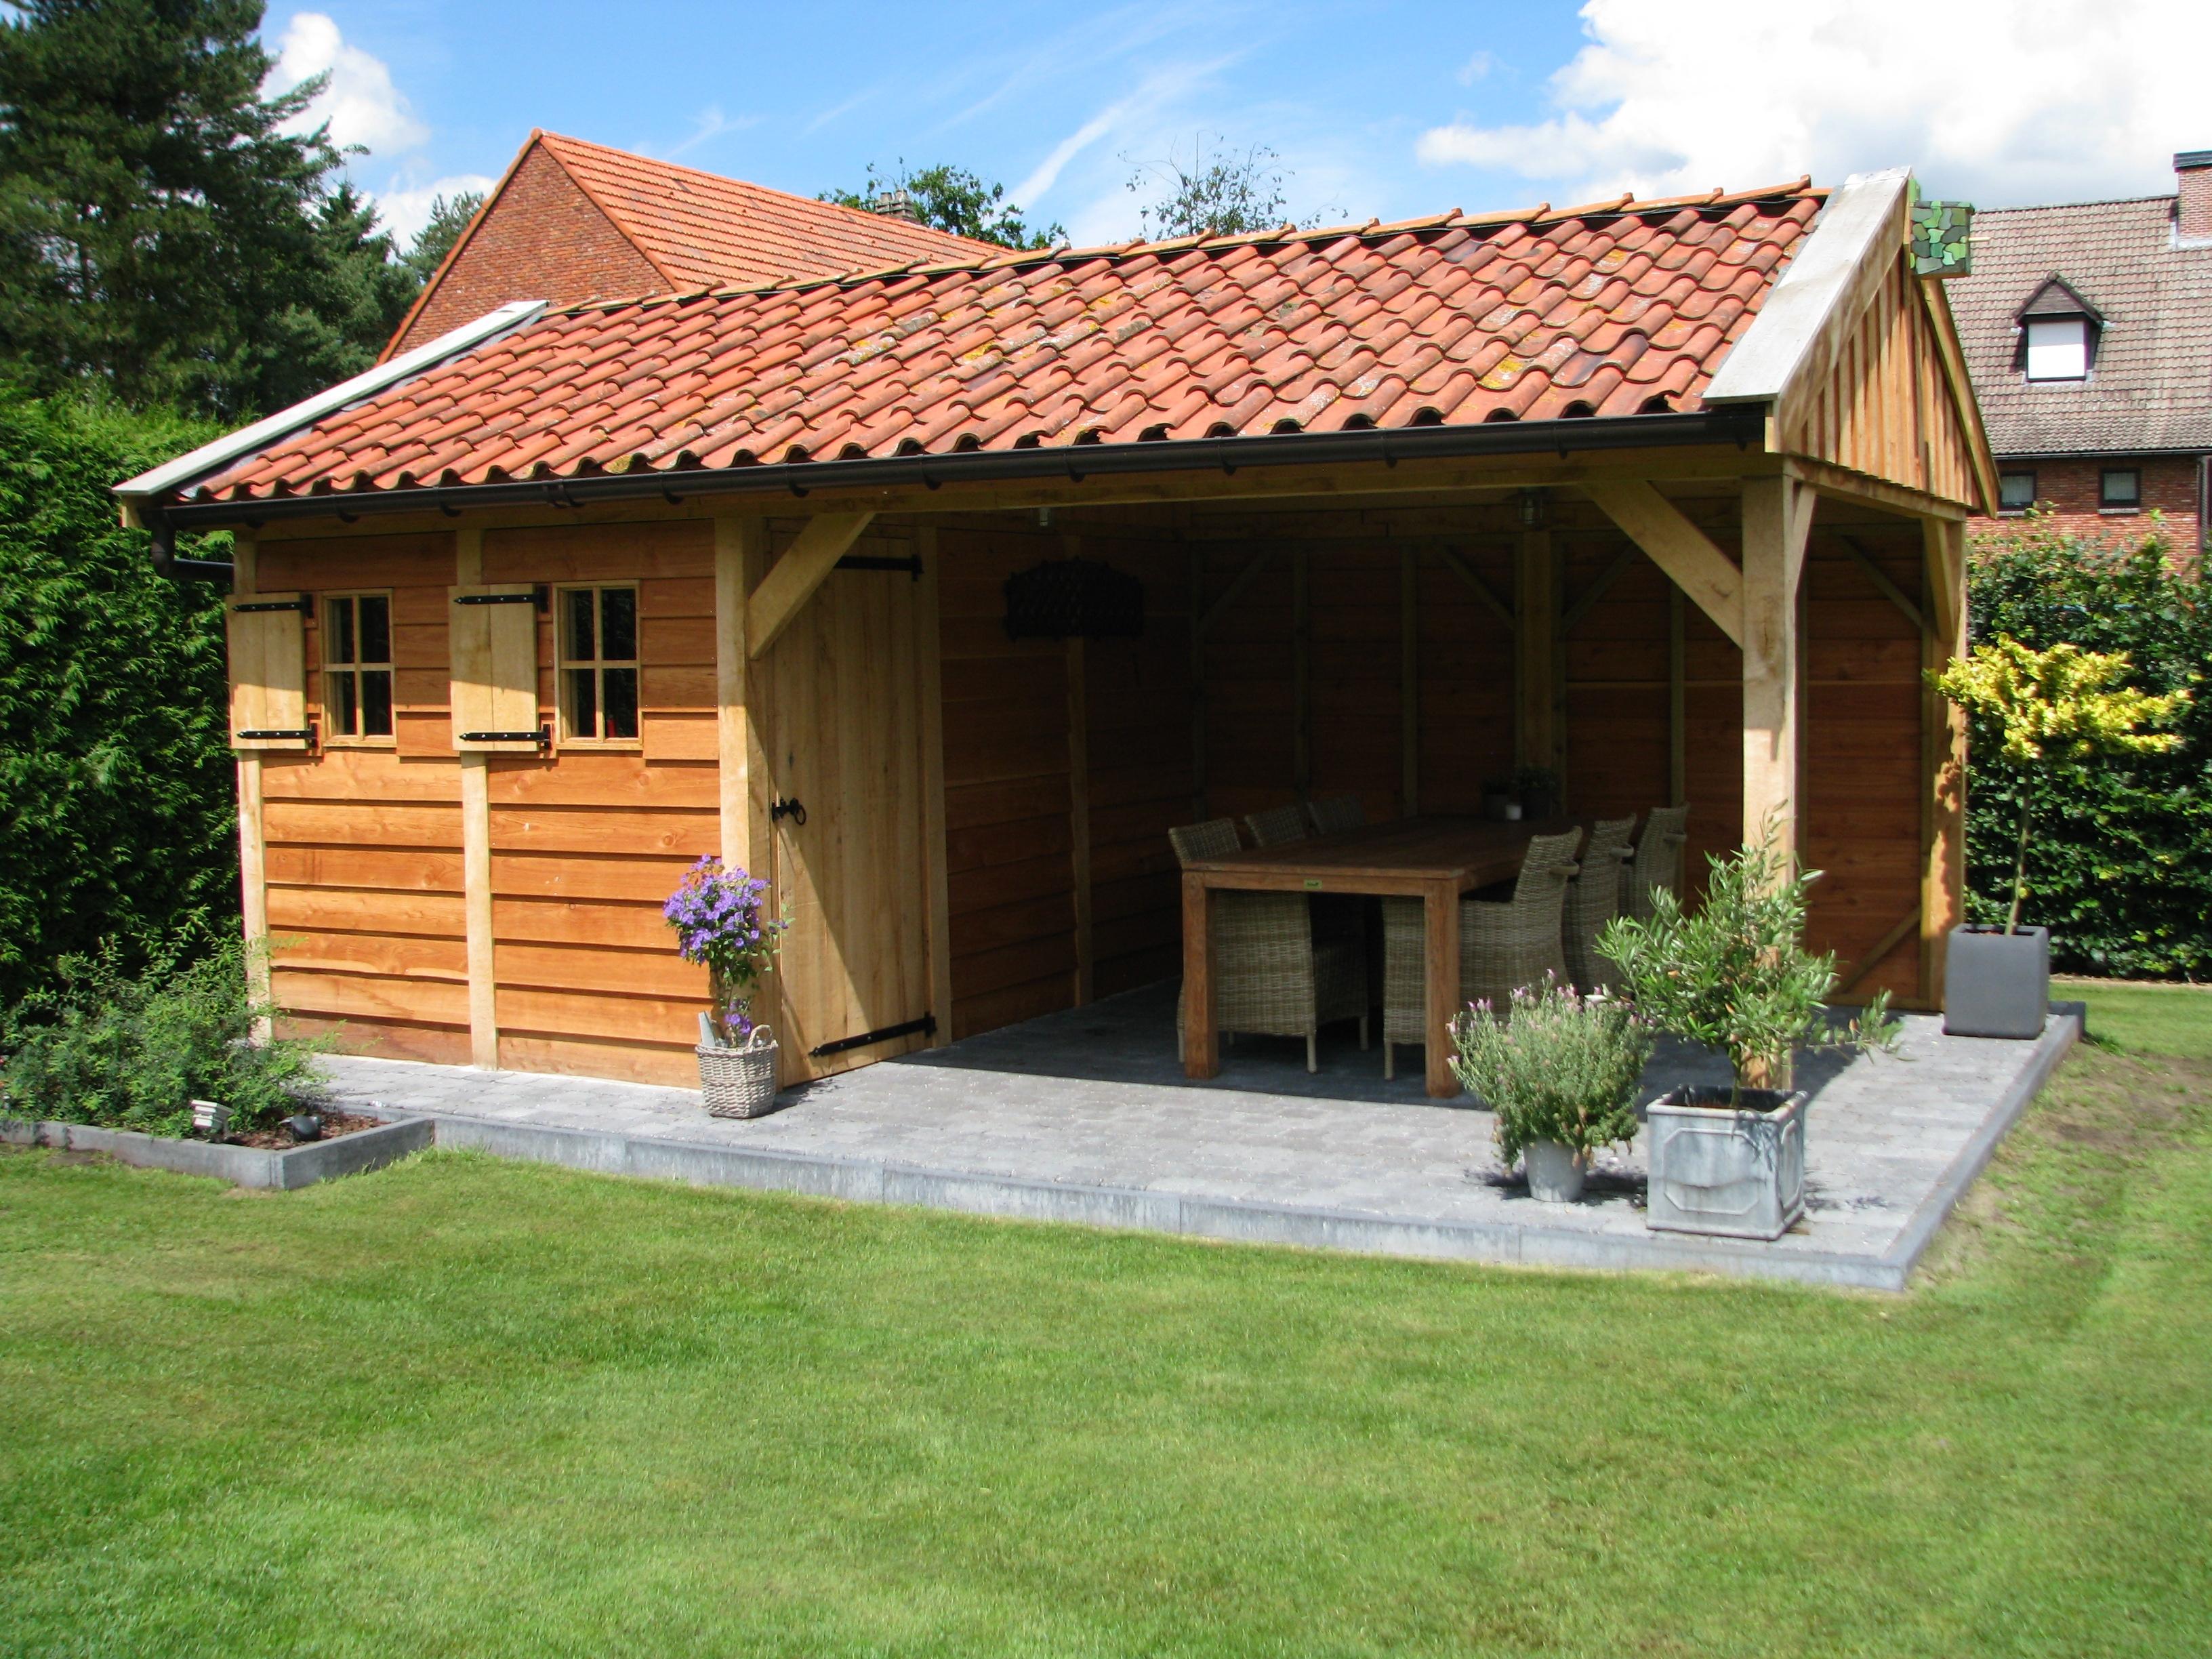 houten_bijgebouw_eiken_2 - Foto's van gerealiseerde tuinhuis met veranda in België.